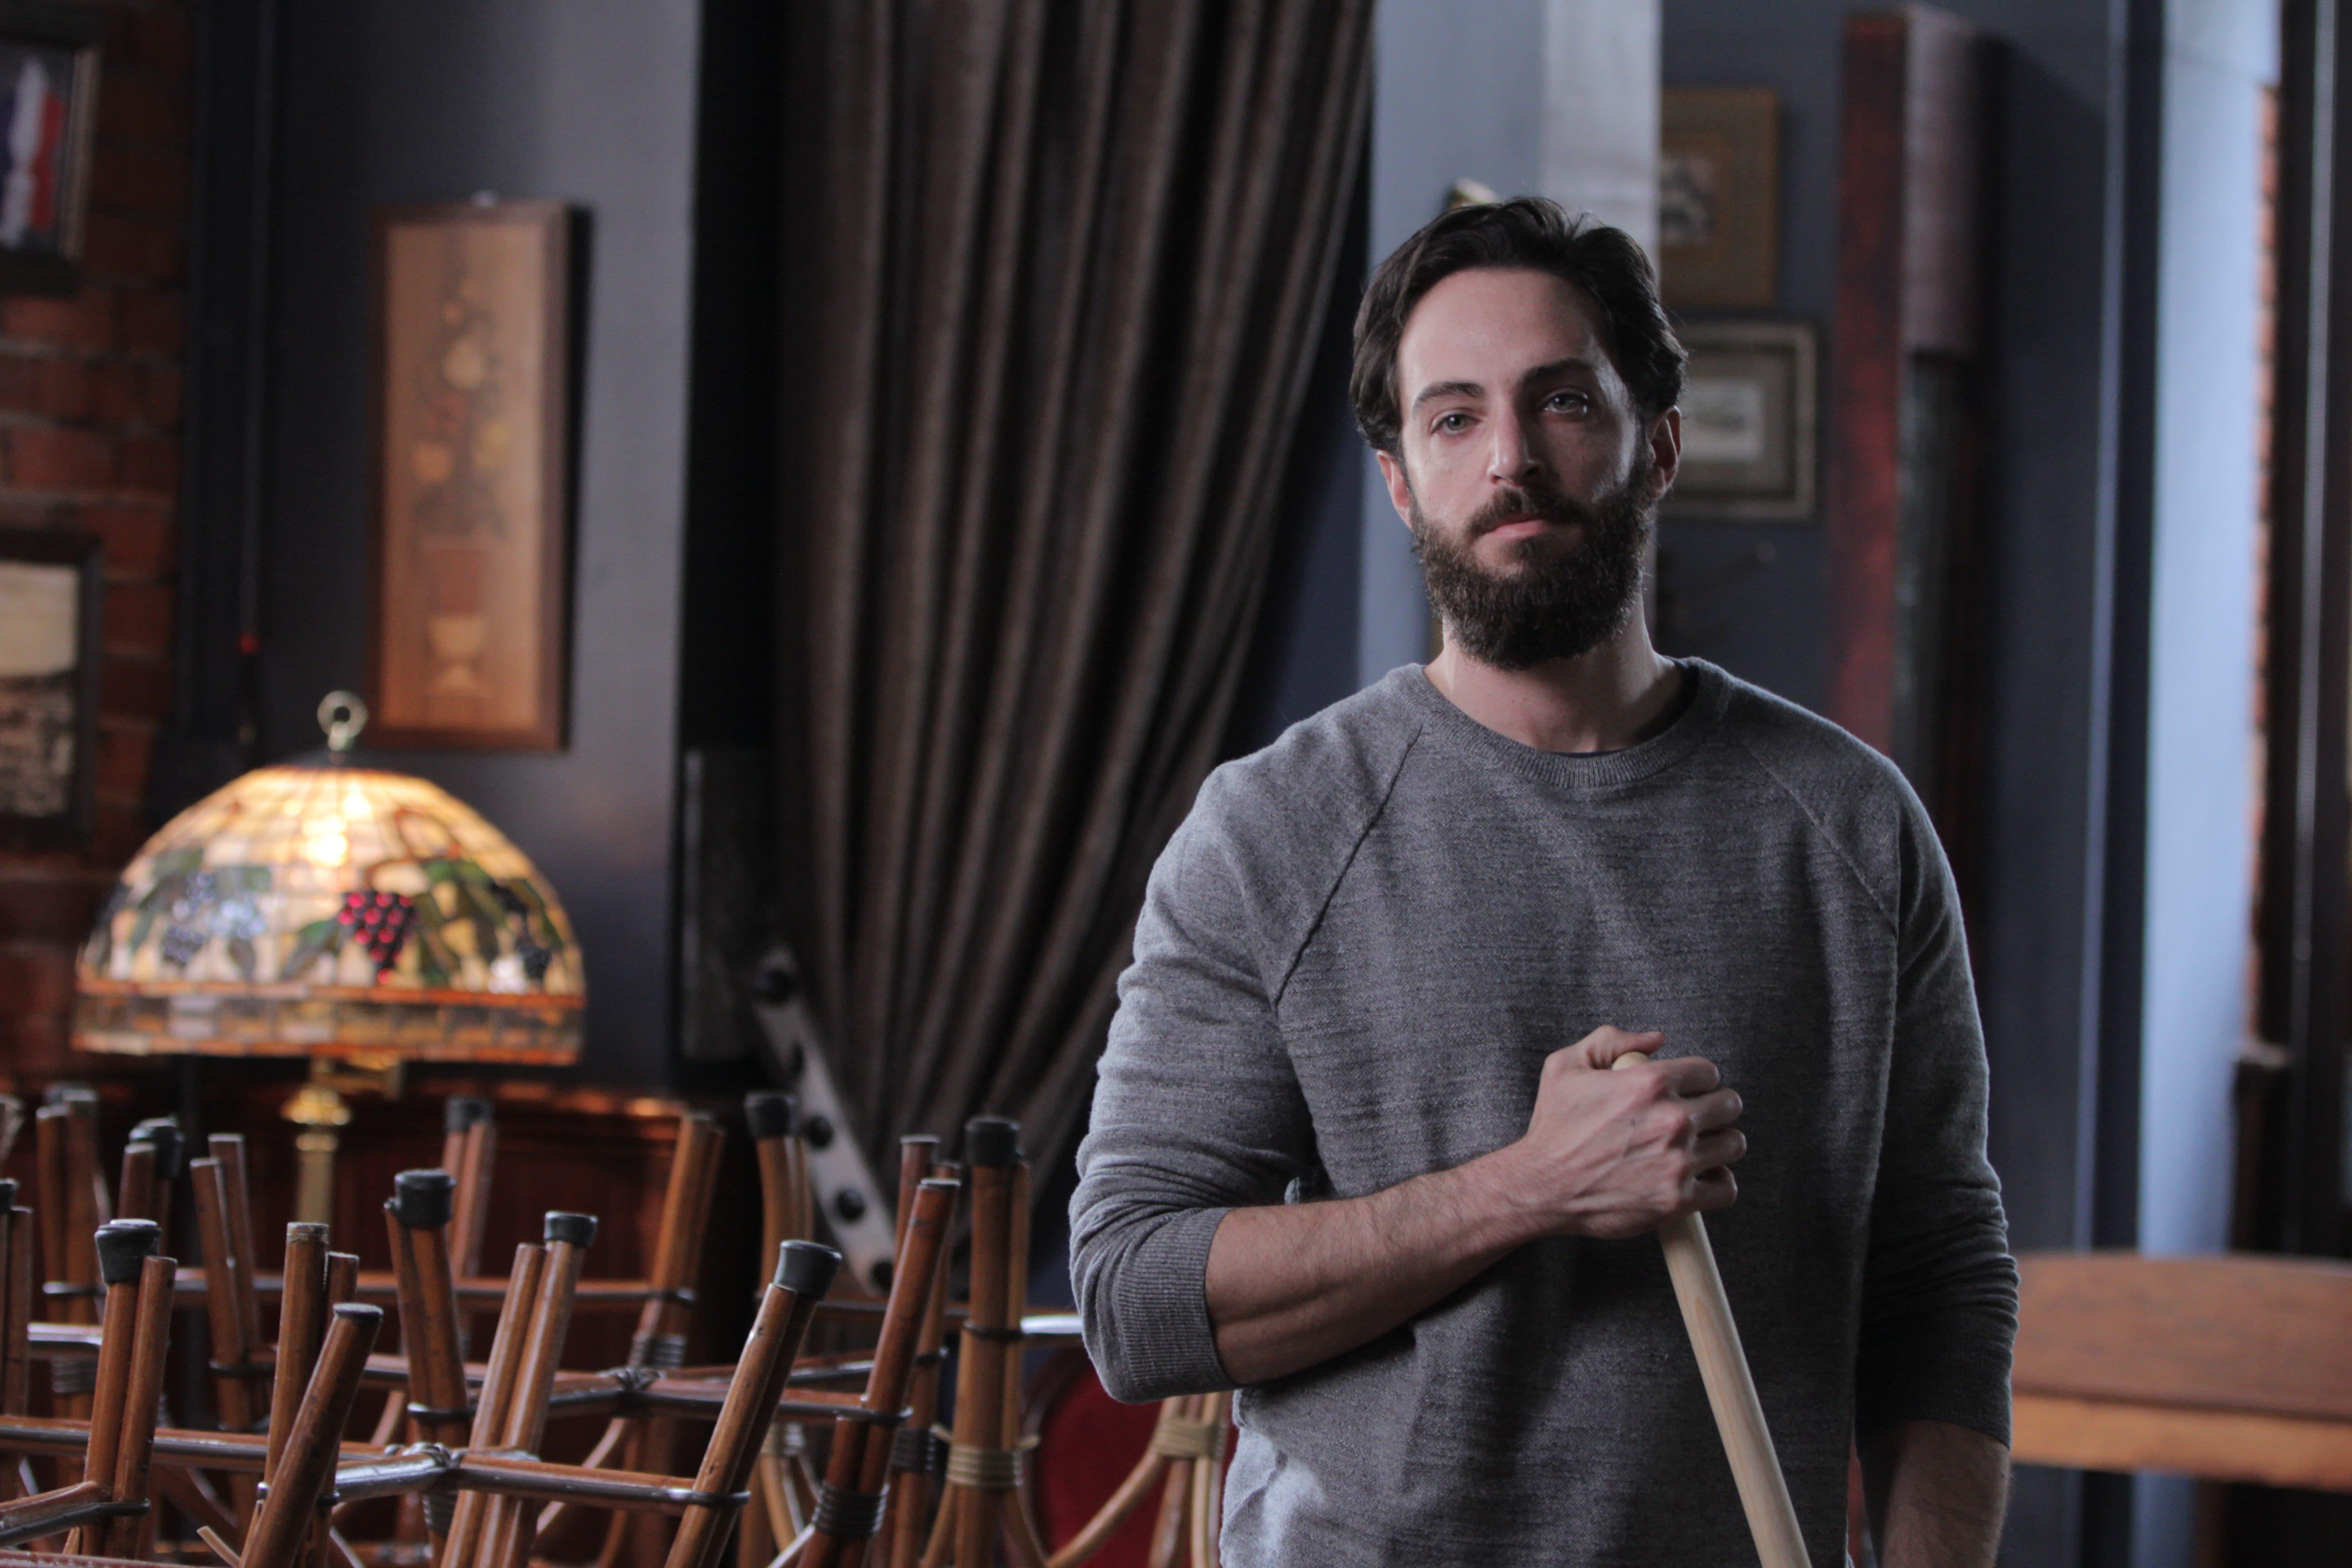 查克艾弗瑞飾演的男主角為躲避追殺逃至巴黎咖啡廳打工